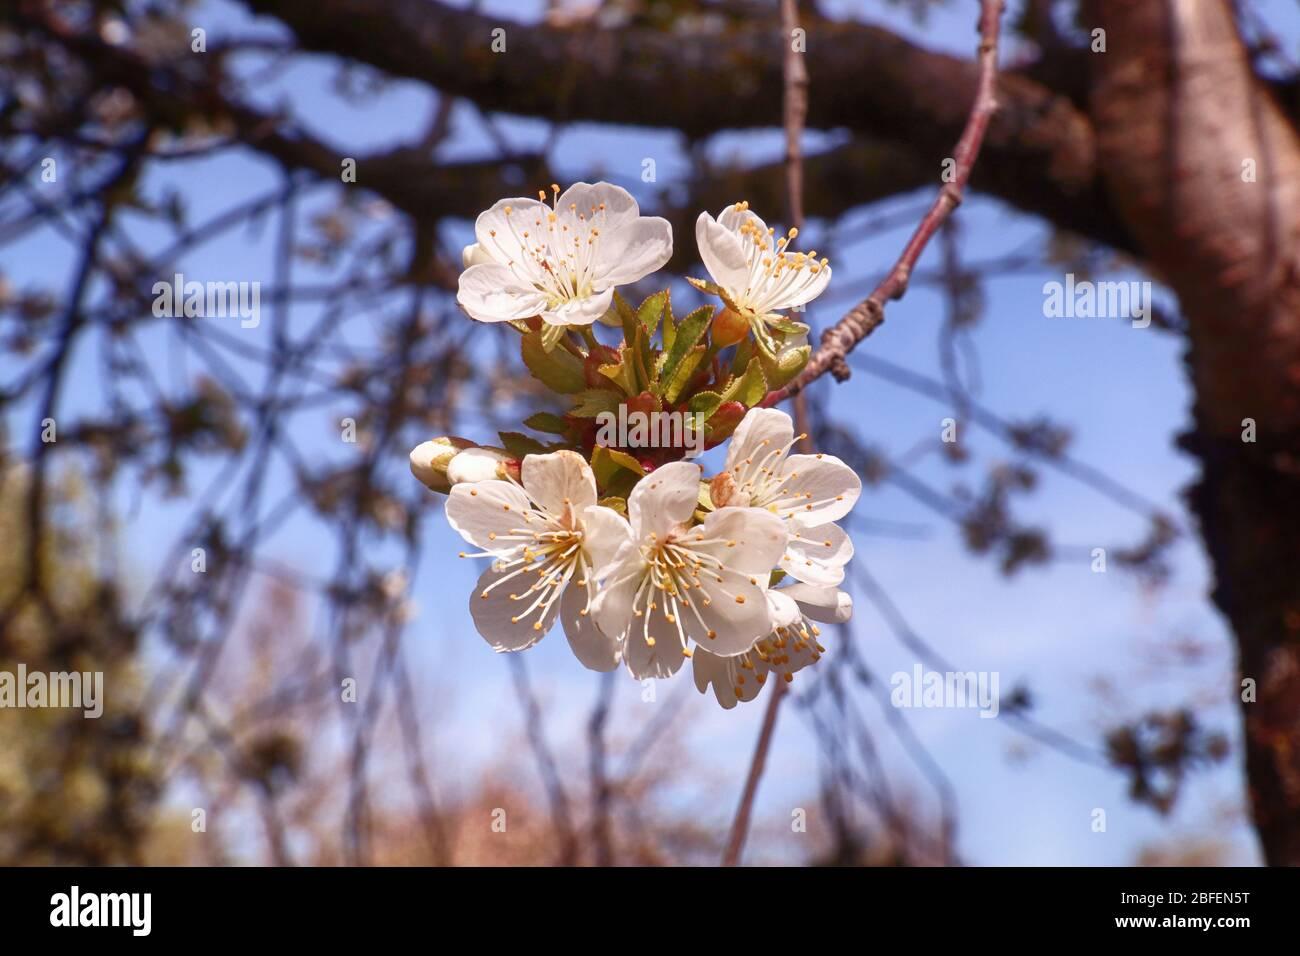 Printemps au Bayern, fleurs blanches sur les pommiers dans le jardin, foyer doux Banque D'Images